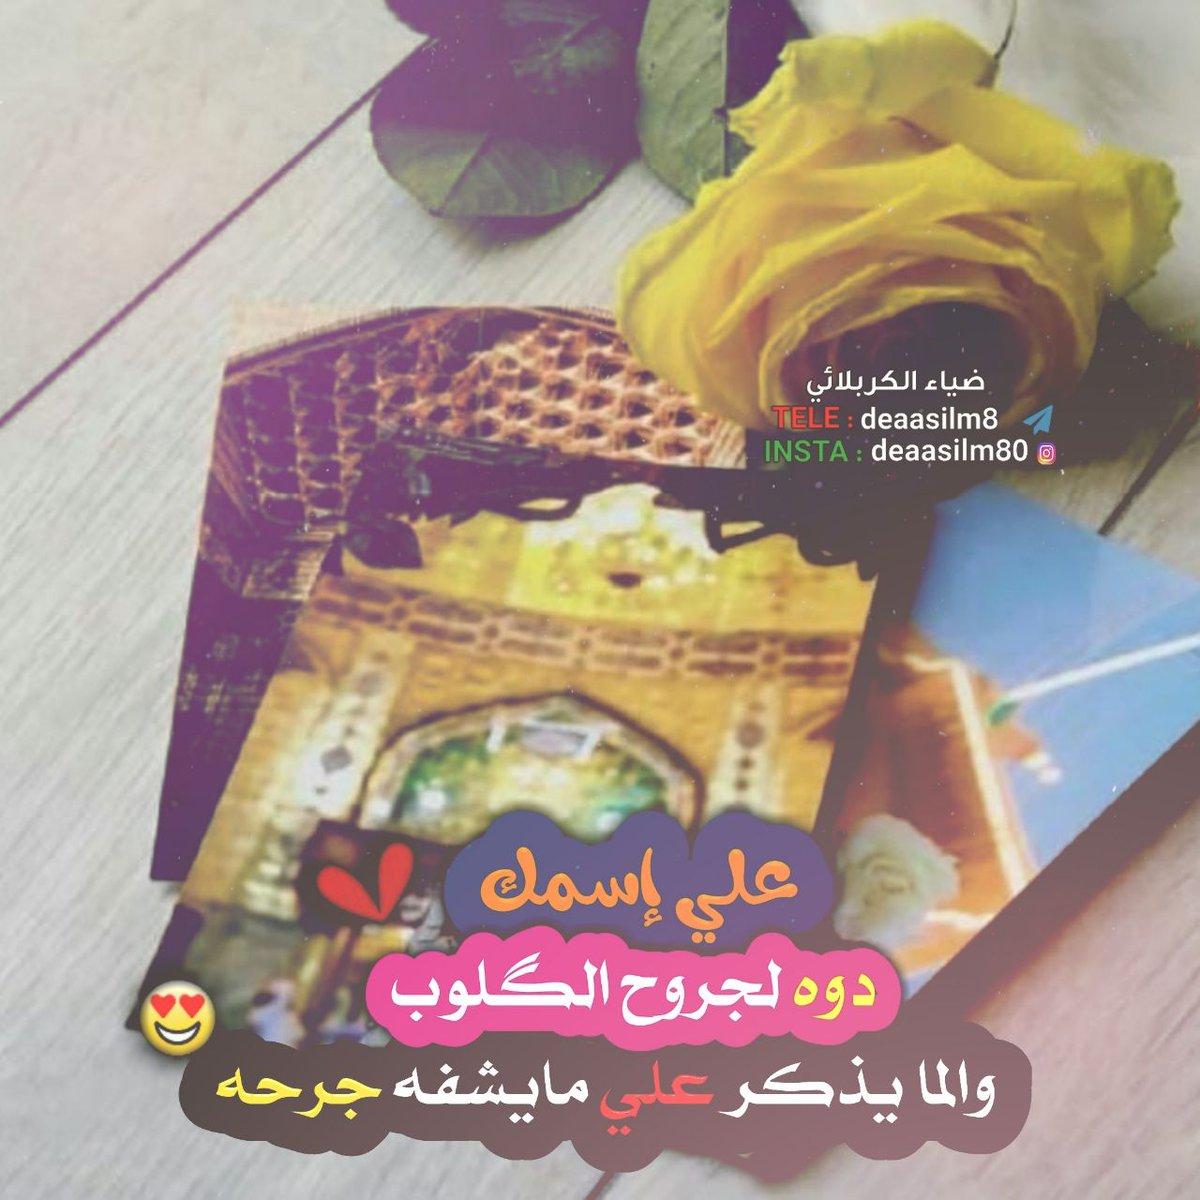 #يوم_الغدير .. يوم عيد بل هو أعظم الأعياد وأشرفها، وَهُوَ عِيدُ اللَّهِ الأكبَرُ، وَمَا بَعَثَ اللَّه (عَز وَجَلّ) نَبِيّاً قَطُّ إِلَّا وَتَعَيّد فِي هَذَا اليَومِ، لأنه يوم إكمال الدين وتمام النعمة.  #عيد_الله_الاكبر  #عيد_الغدير_الاغر #يا_علي